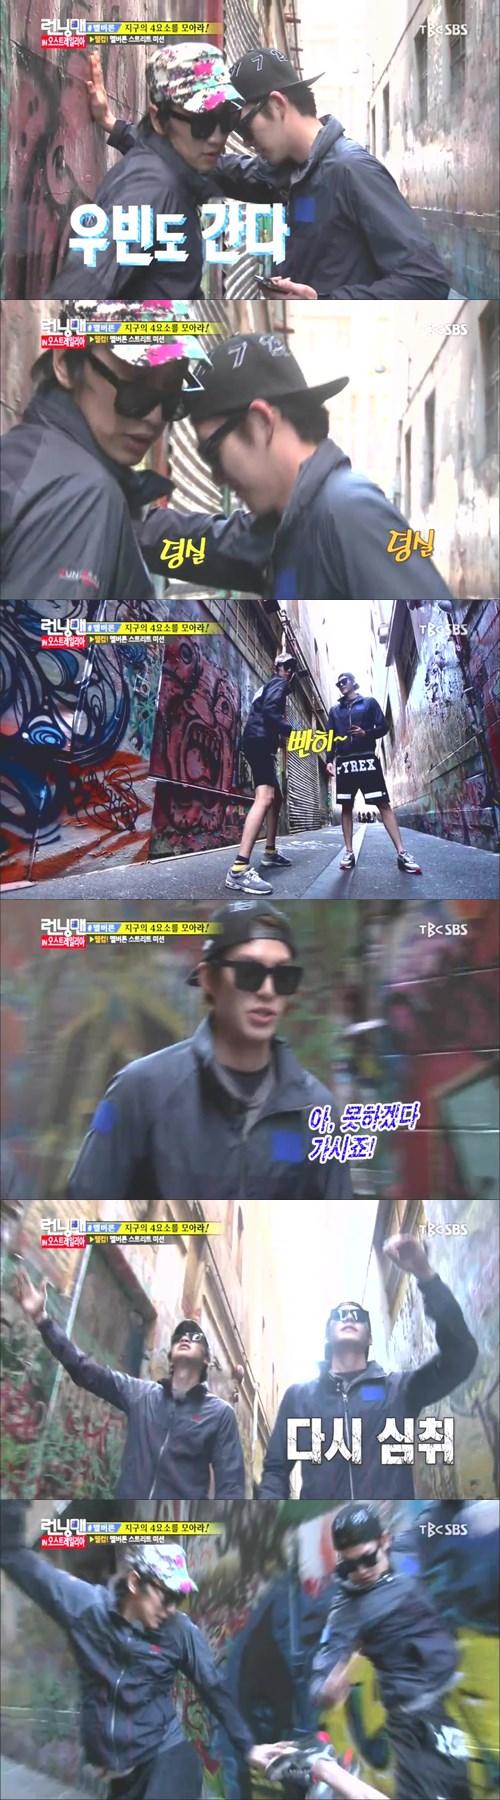 running man kim woo bin lee kwang soo mv